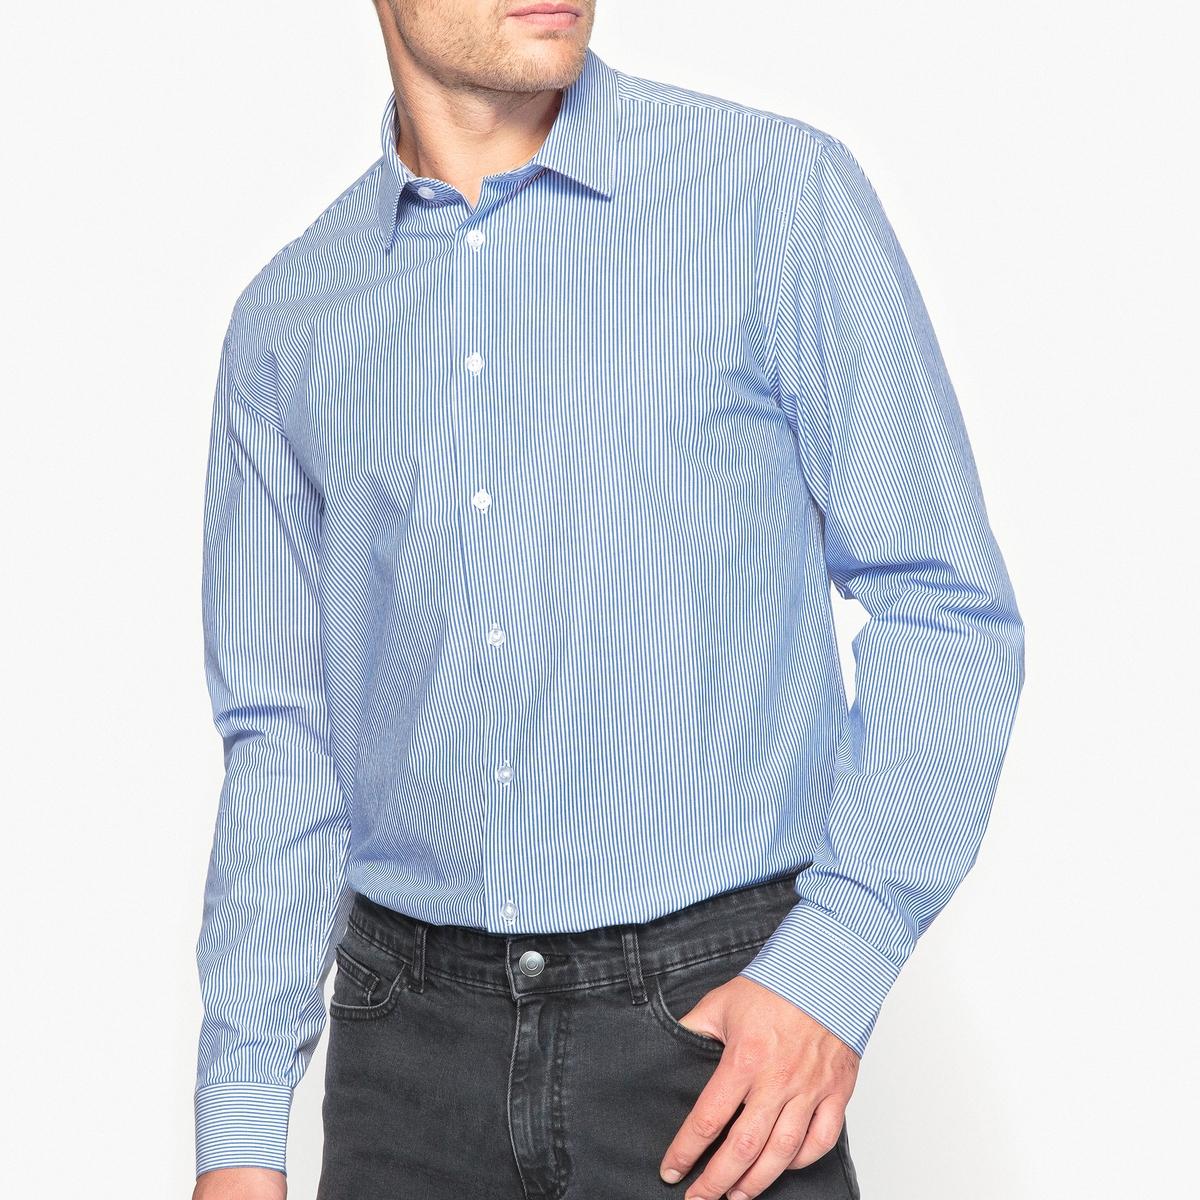 Рубашка узкого покроя в полоску, 100% хлопокОписание •  Длинные рукава  •  Приталенный покрой  •  Итальянский воротник  •  Рисунок в полоску Состав и уход •  100% хлопок  •  Машинная стирка при 40 °С  •  Сухая чистка и отбеливание запрещены    •  Не использовать барабанную сушку   •  Низкая температура глажки<br><br>Цвет: в полоску белый/синий<br>Размер: 47/48